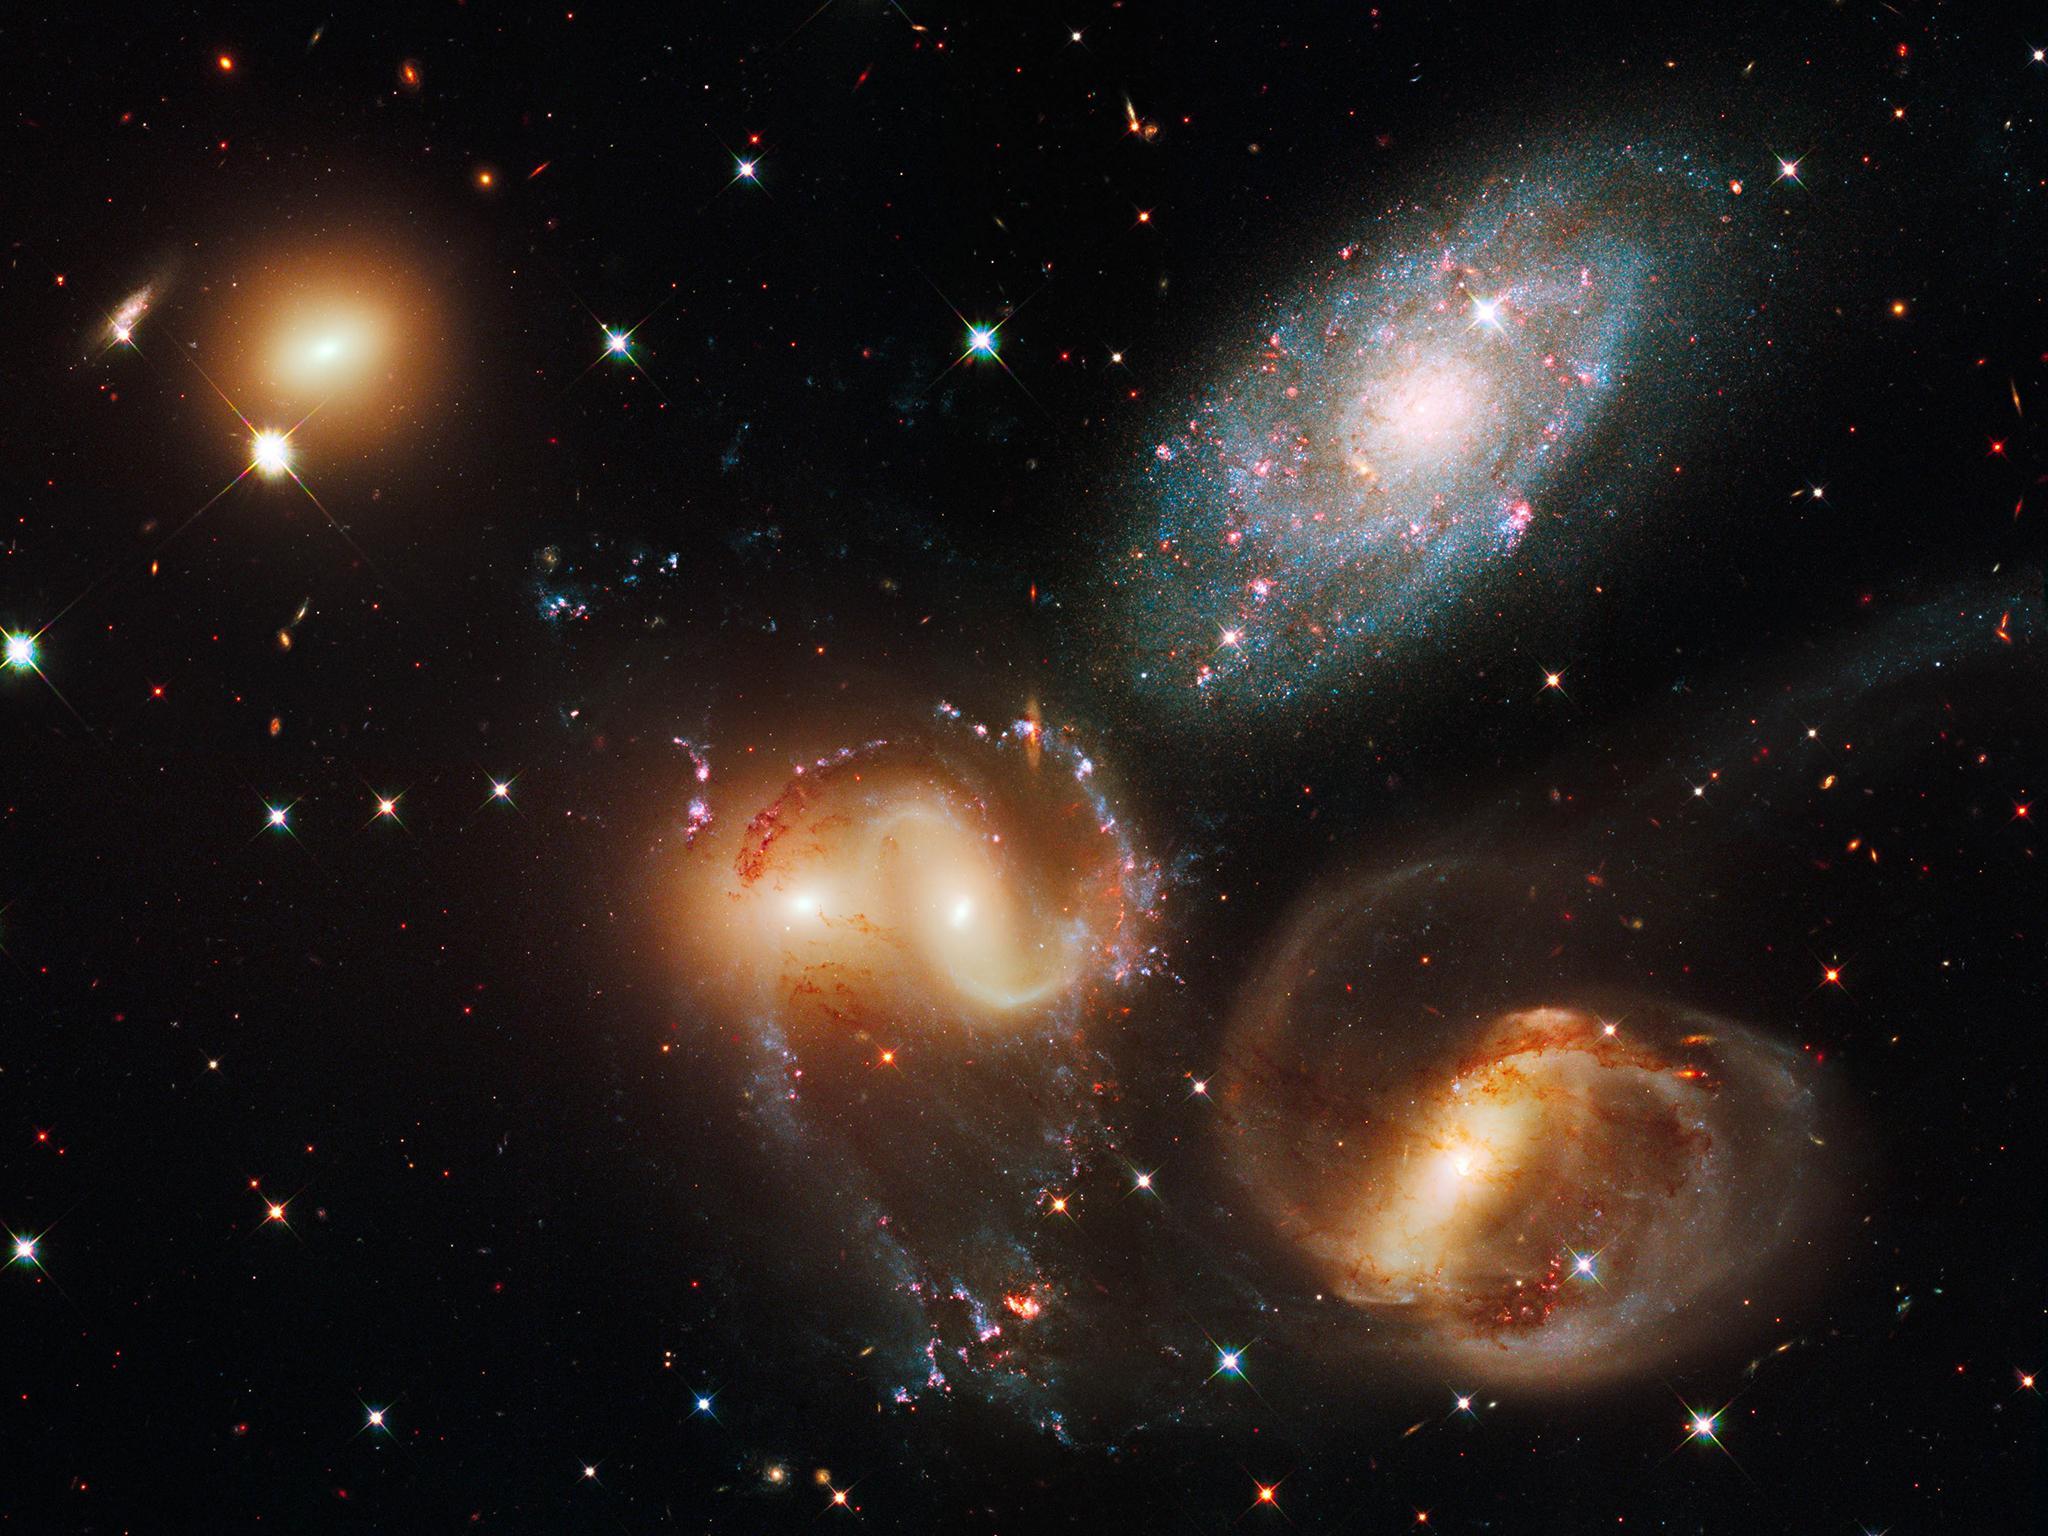 картинки галактик с названиями этого отзыва